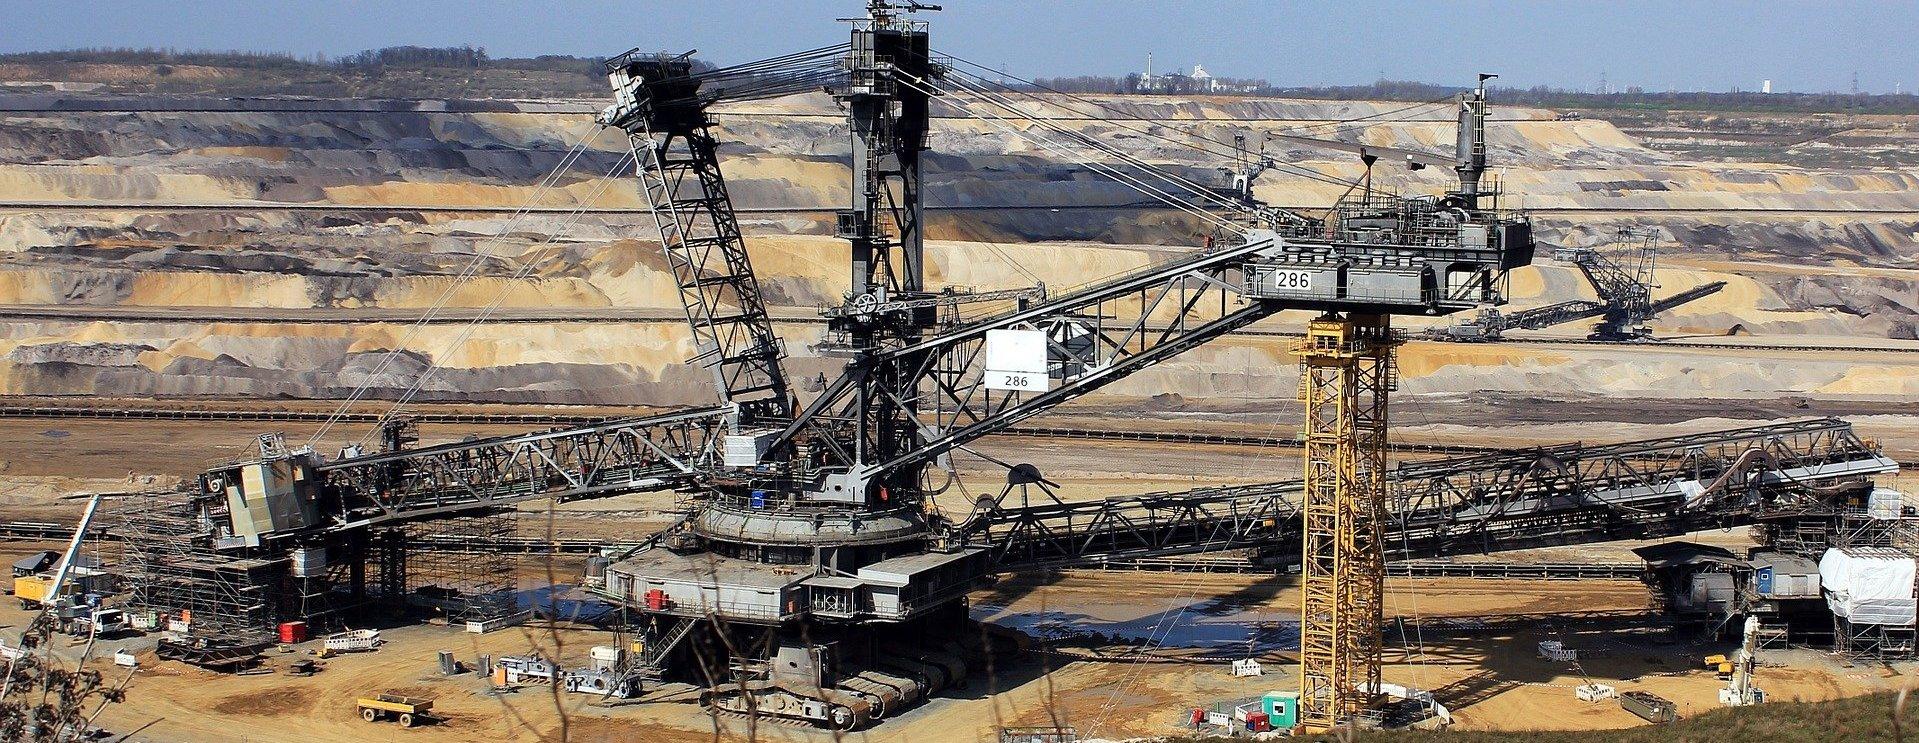 De mijnbouwleider van Latijns-Amerika heeft een mijnbouwbeheersysteem van de VIST-groep geïmplementeerd.